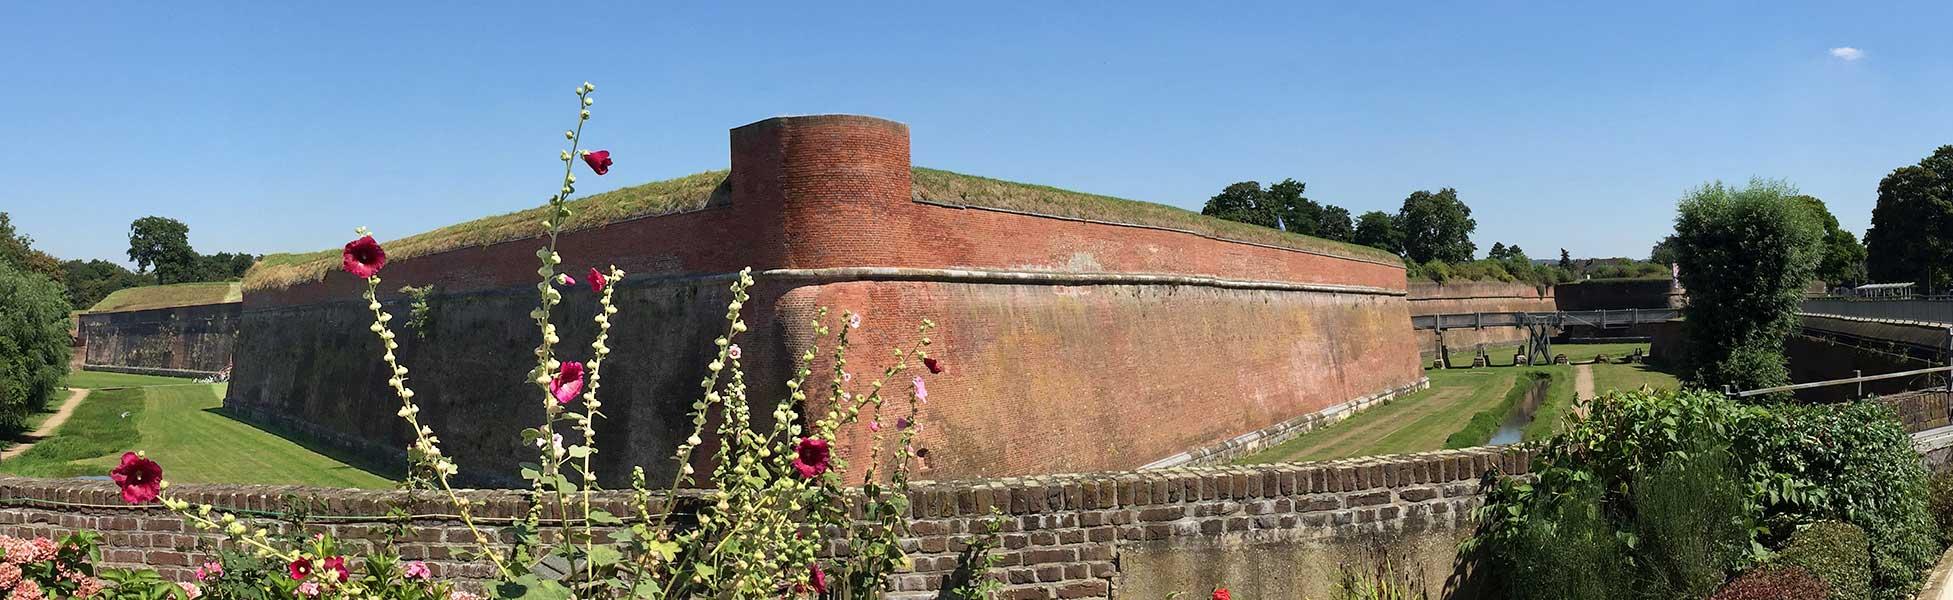 Zitadelle Jülich, Blick auf die Bastion Johannes